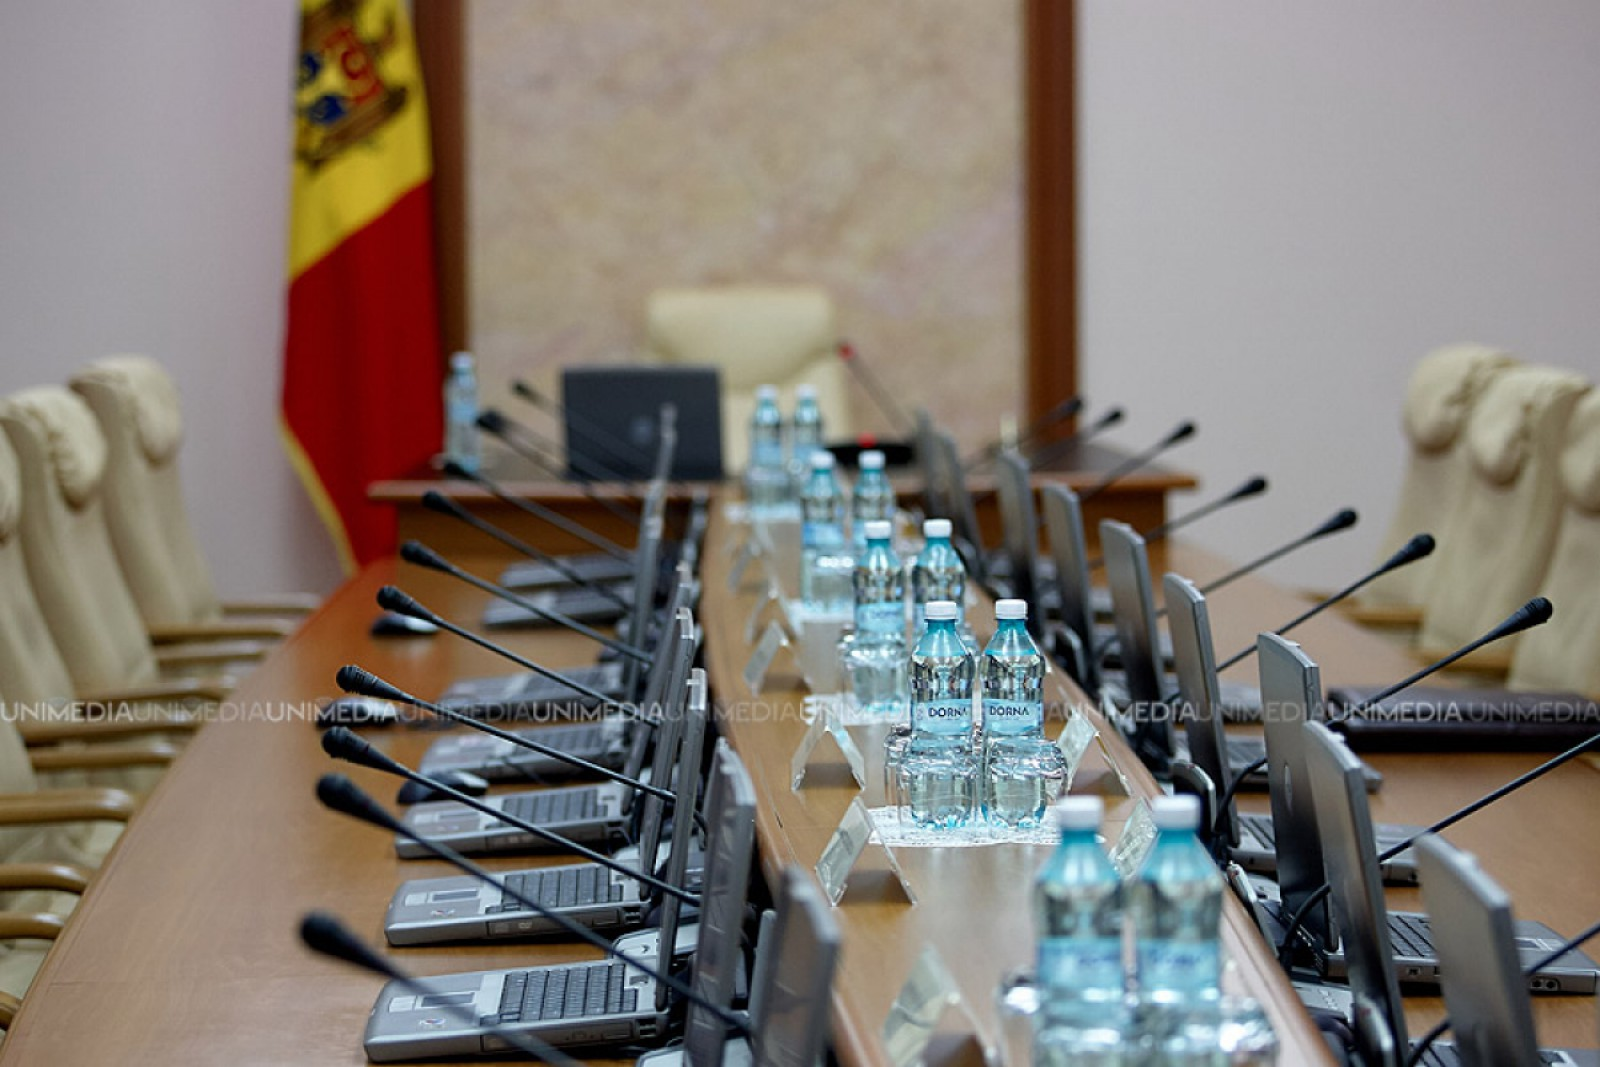 Miniștrii propuși de PD, la un pas de a fi desemnați: Mâine vor depune jurământul de învestire